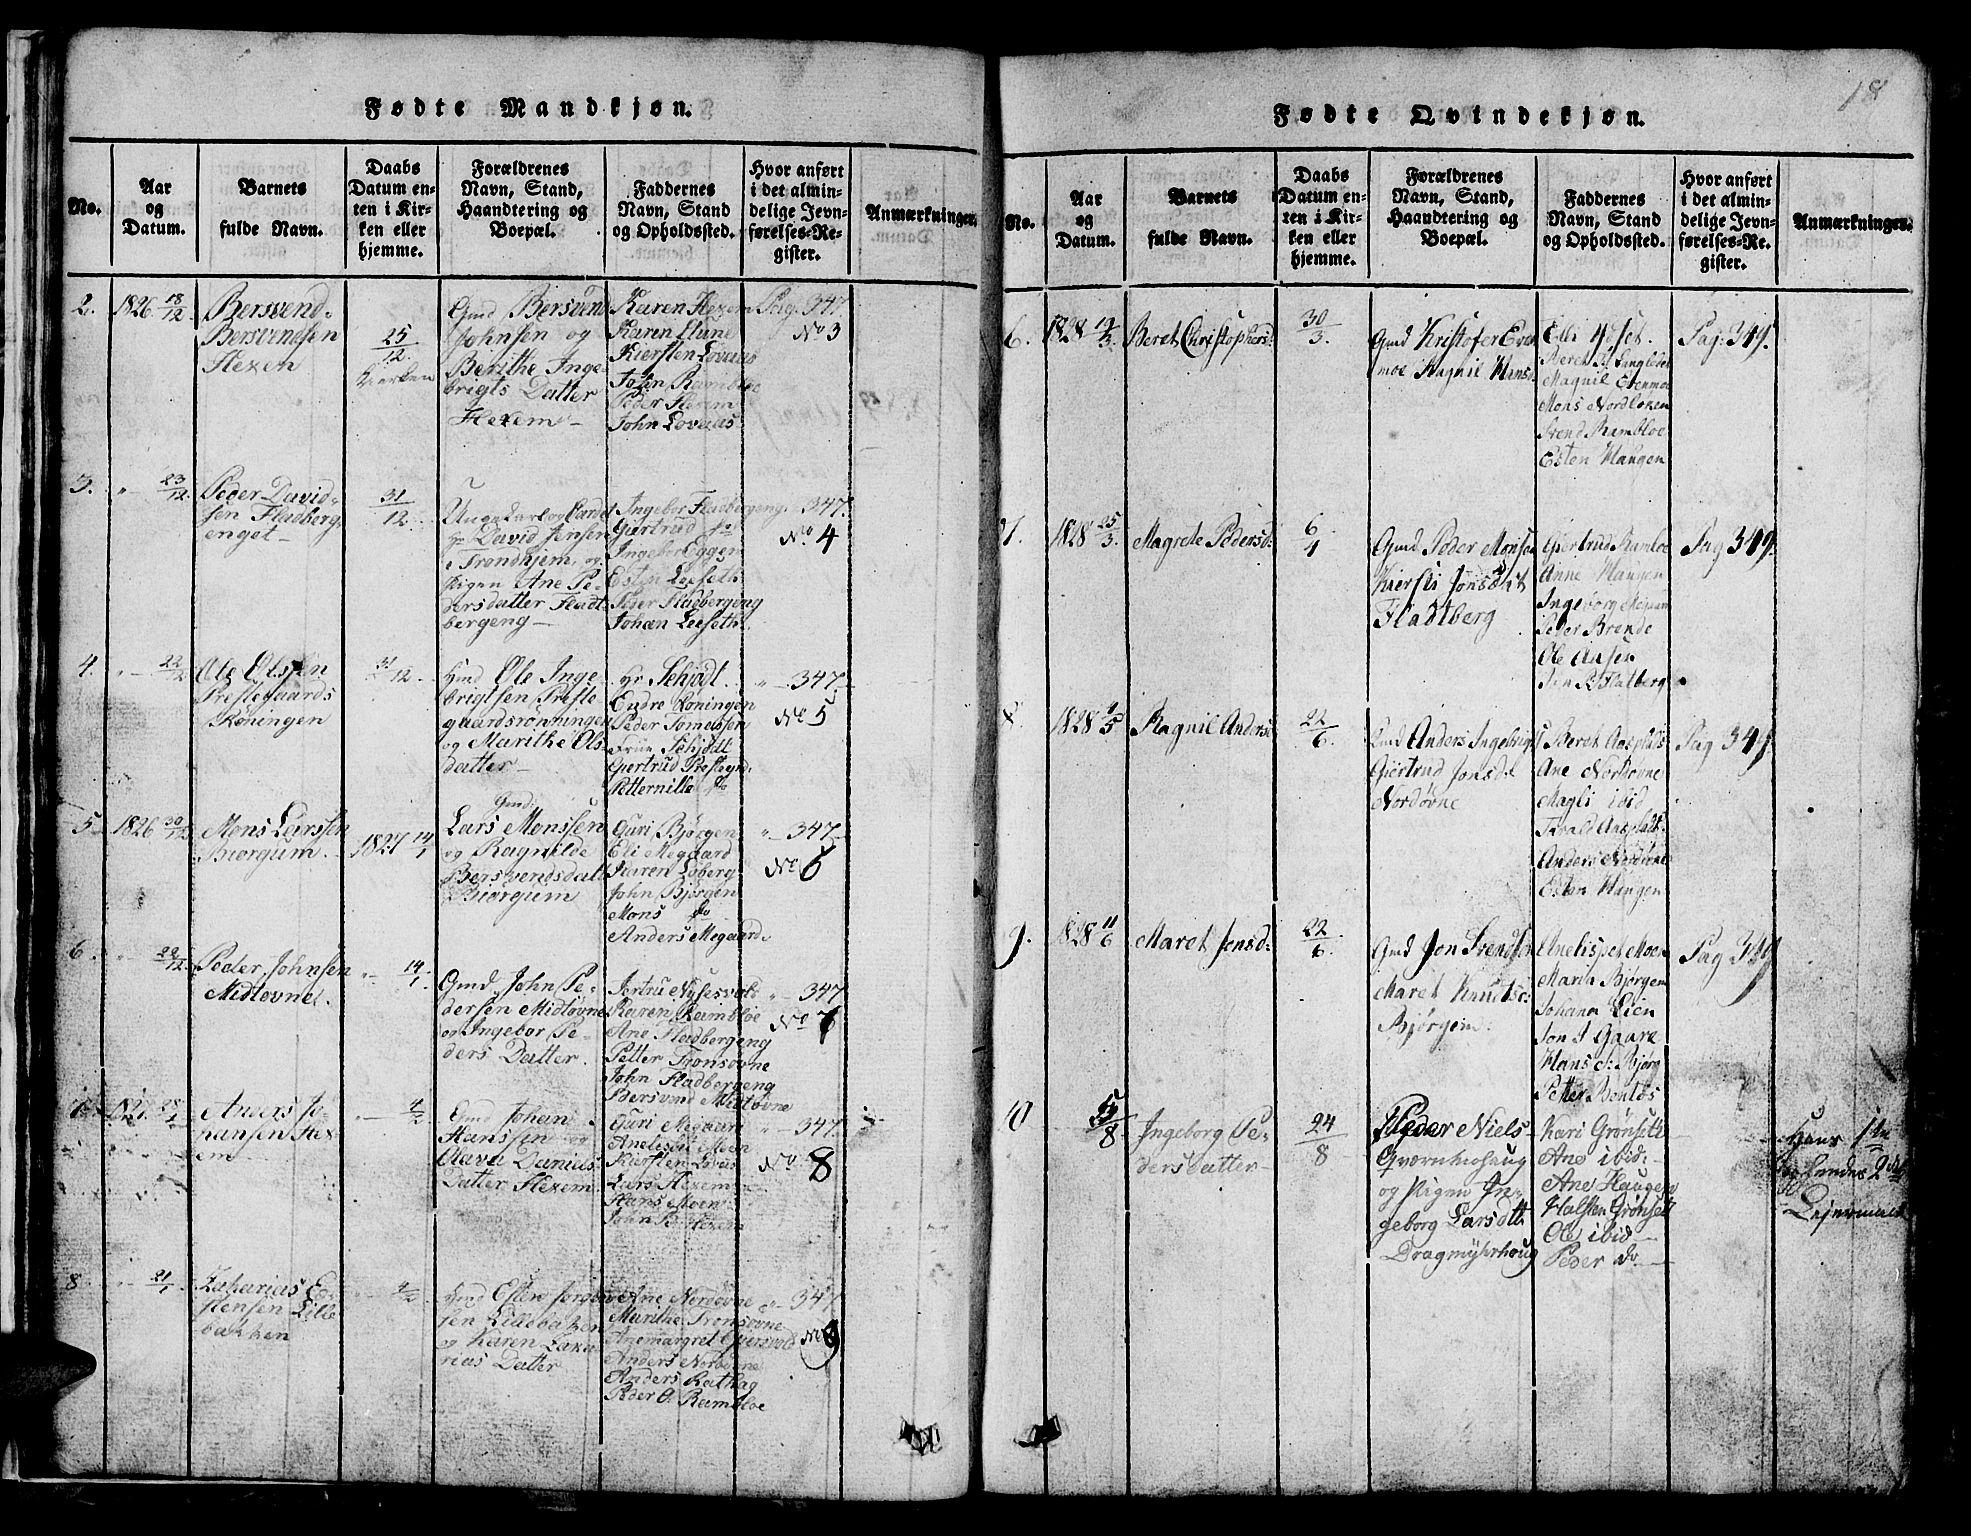 SAT, Ministerialprotokoller, klokkerbøker og fødselsregistre - Sør-Trøndelag, 685/L0976: Klokkerbok nr. 685C01, 1817-1878, s. 18